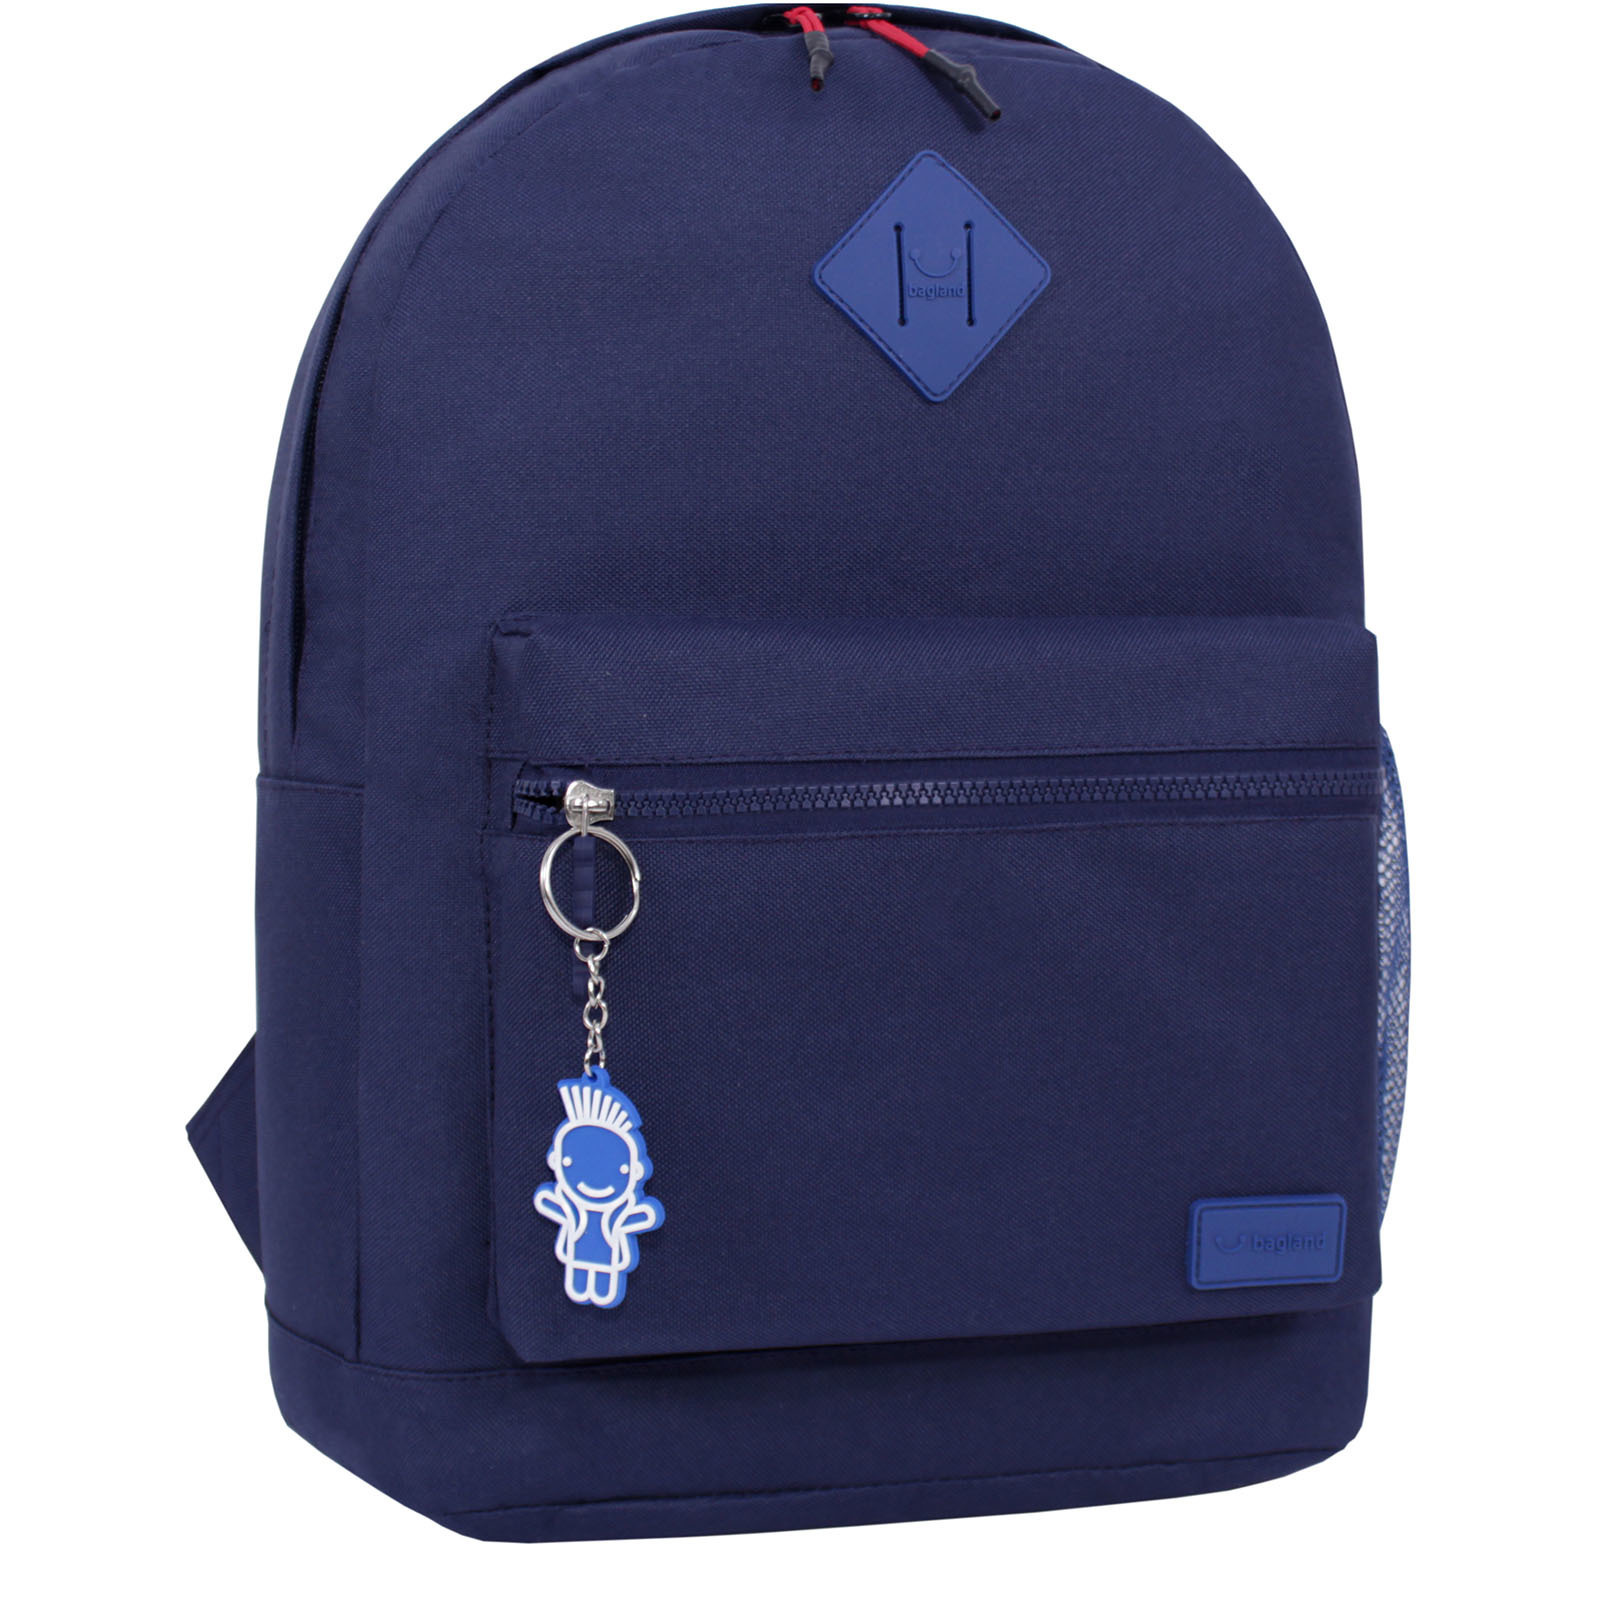 Молодежные рюкзаки Рюкзак Bagland Hood W/R 17 л. чернильный 451 (0054466) IMG_6121_суб.451_.JPG